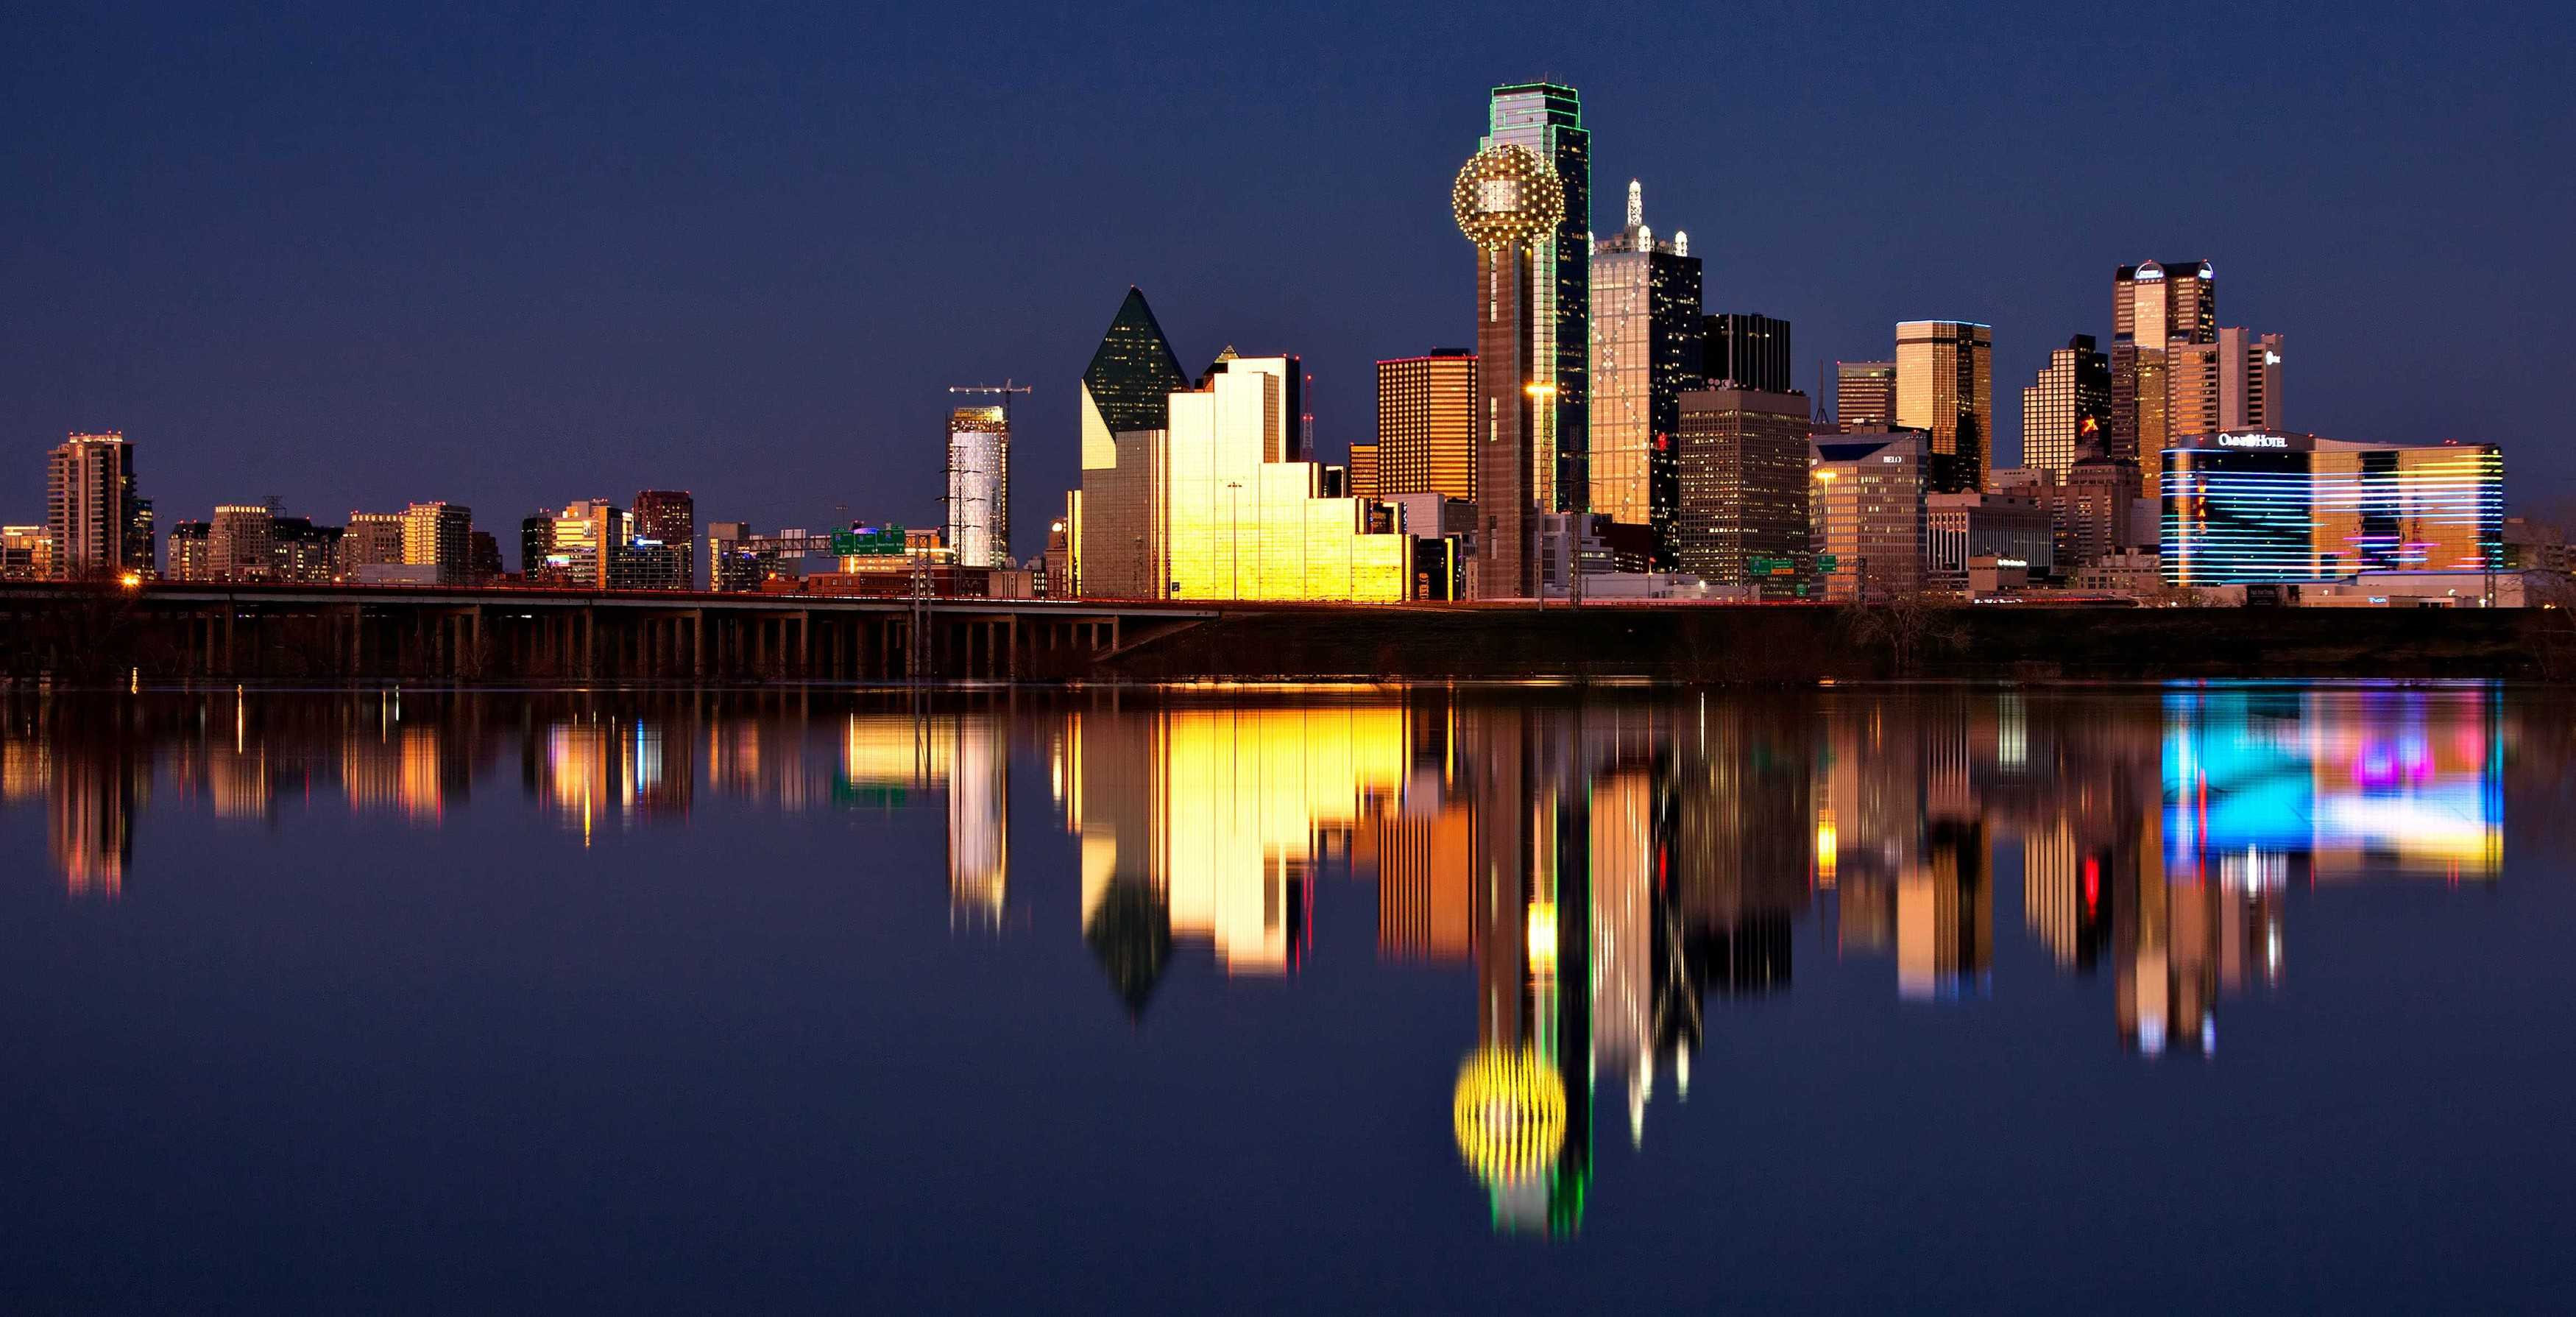 5G Studio Collaborative Omni Dallas Convention Center Hotel Dallas, Texas Dallas, Texas Skyline View   14960